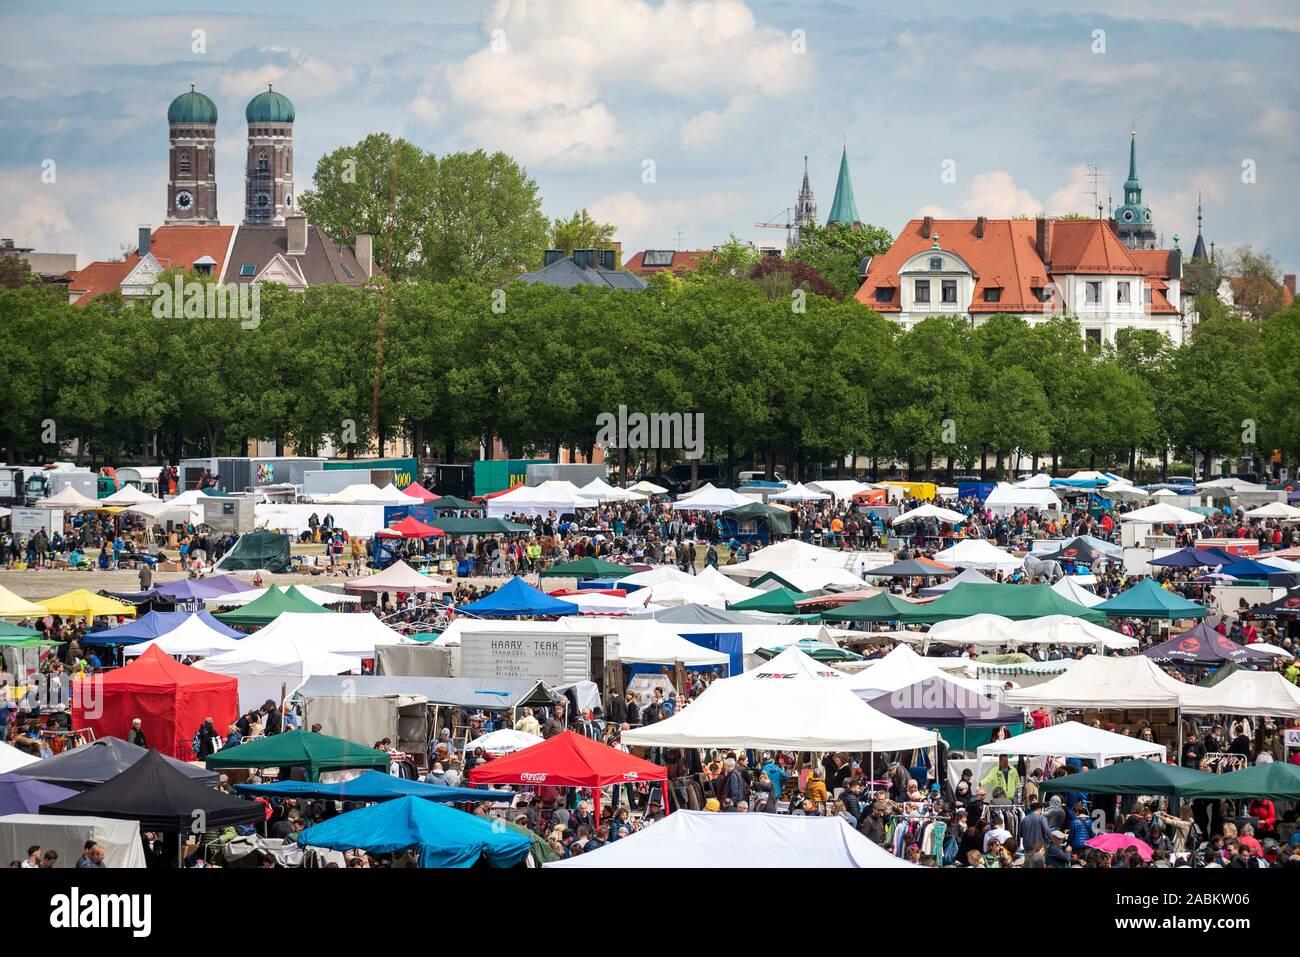 Flohmarkt theresienwiese 2020